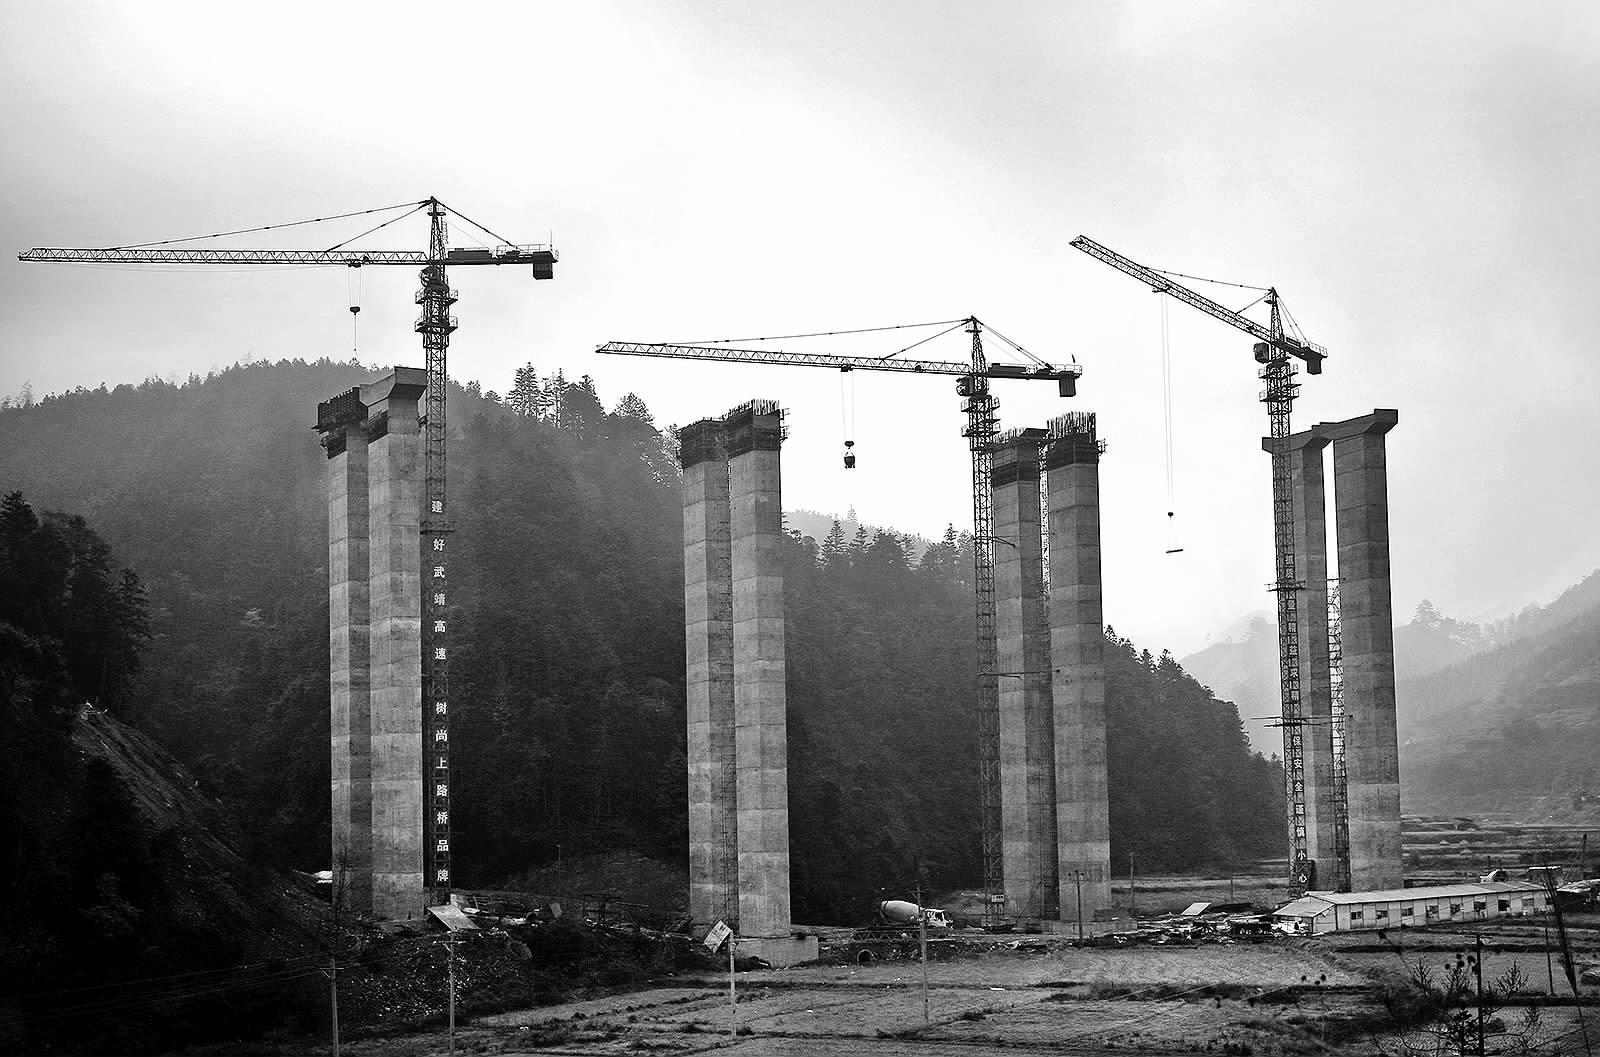 武靖高速公路主线东接洞新高速城步支线 ,向西南布线经绥宁关峡 ,枫